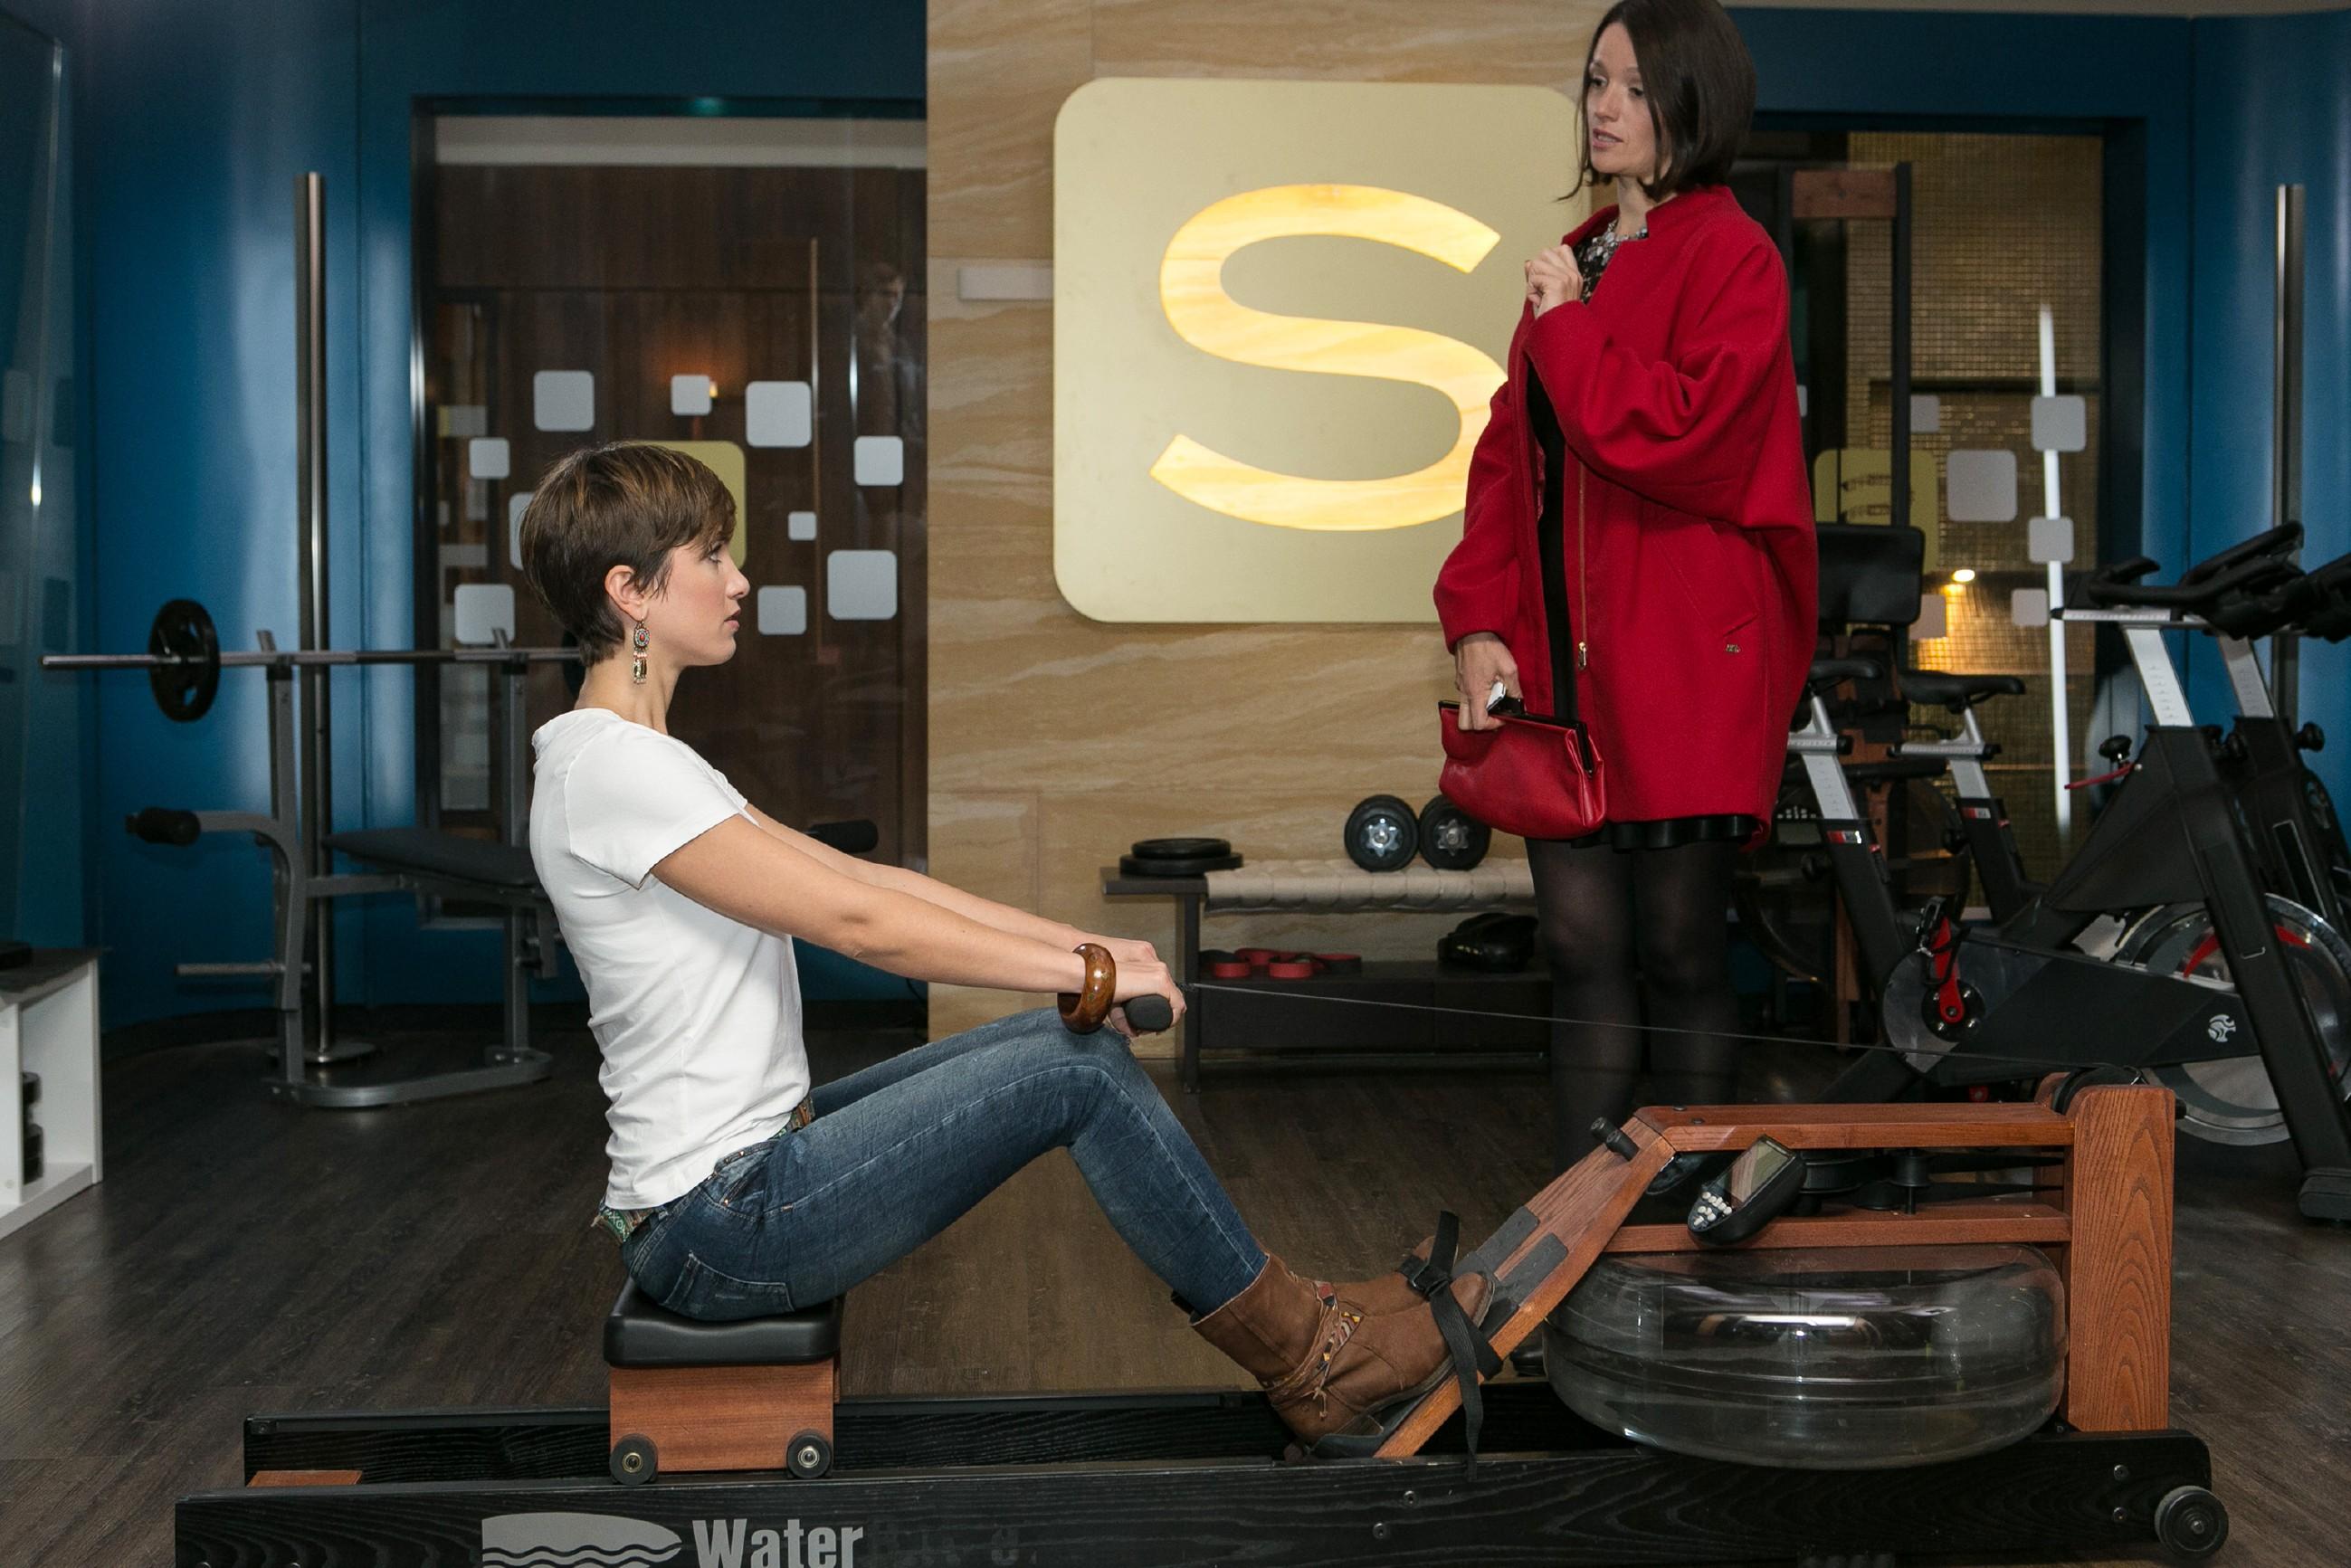 Pia (Isabell Horn, l.) ärgert sich über Jennys (Kaja Schmidt-Tychsen) Überheblichkeit und ist kurz davor, ihre Affäre mit Veit auffliegen zu lassen... (Quelle: RTL / Kai Schulz)